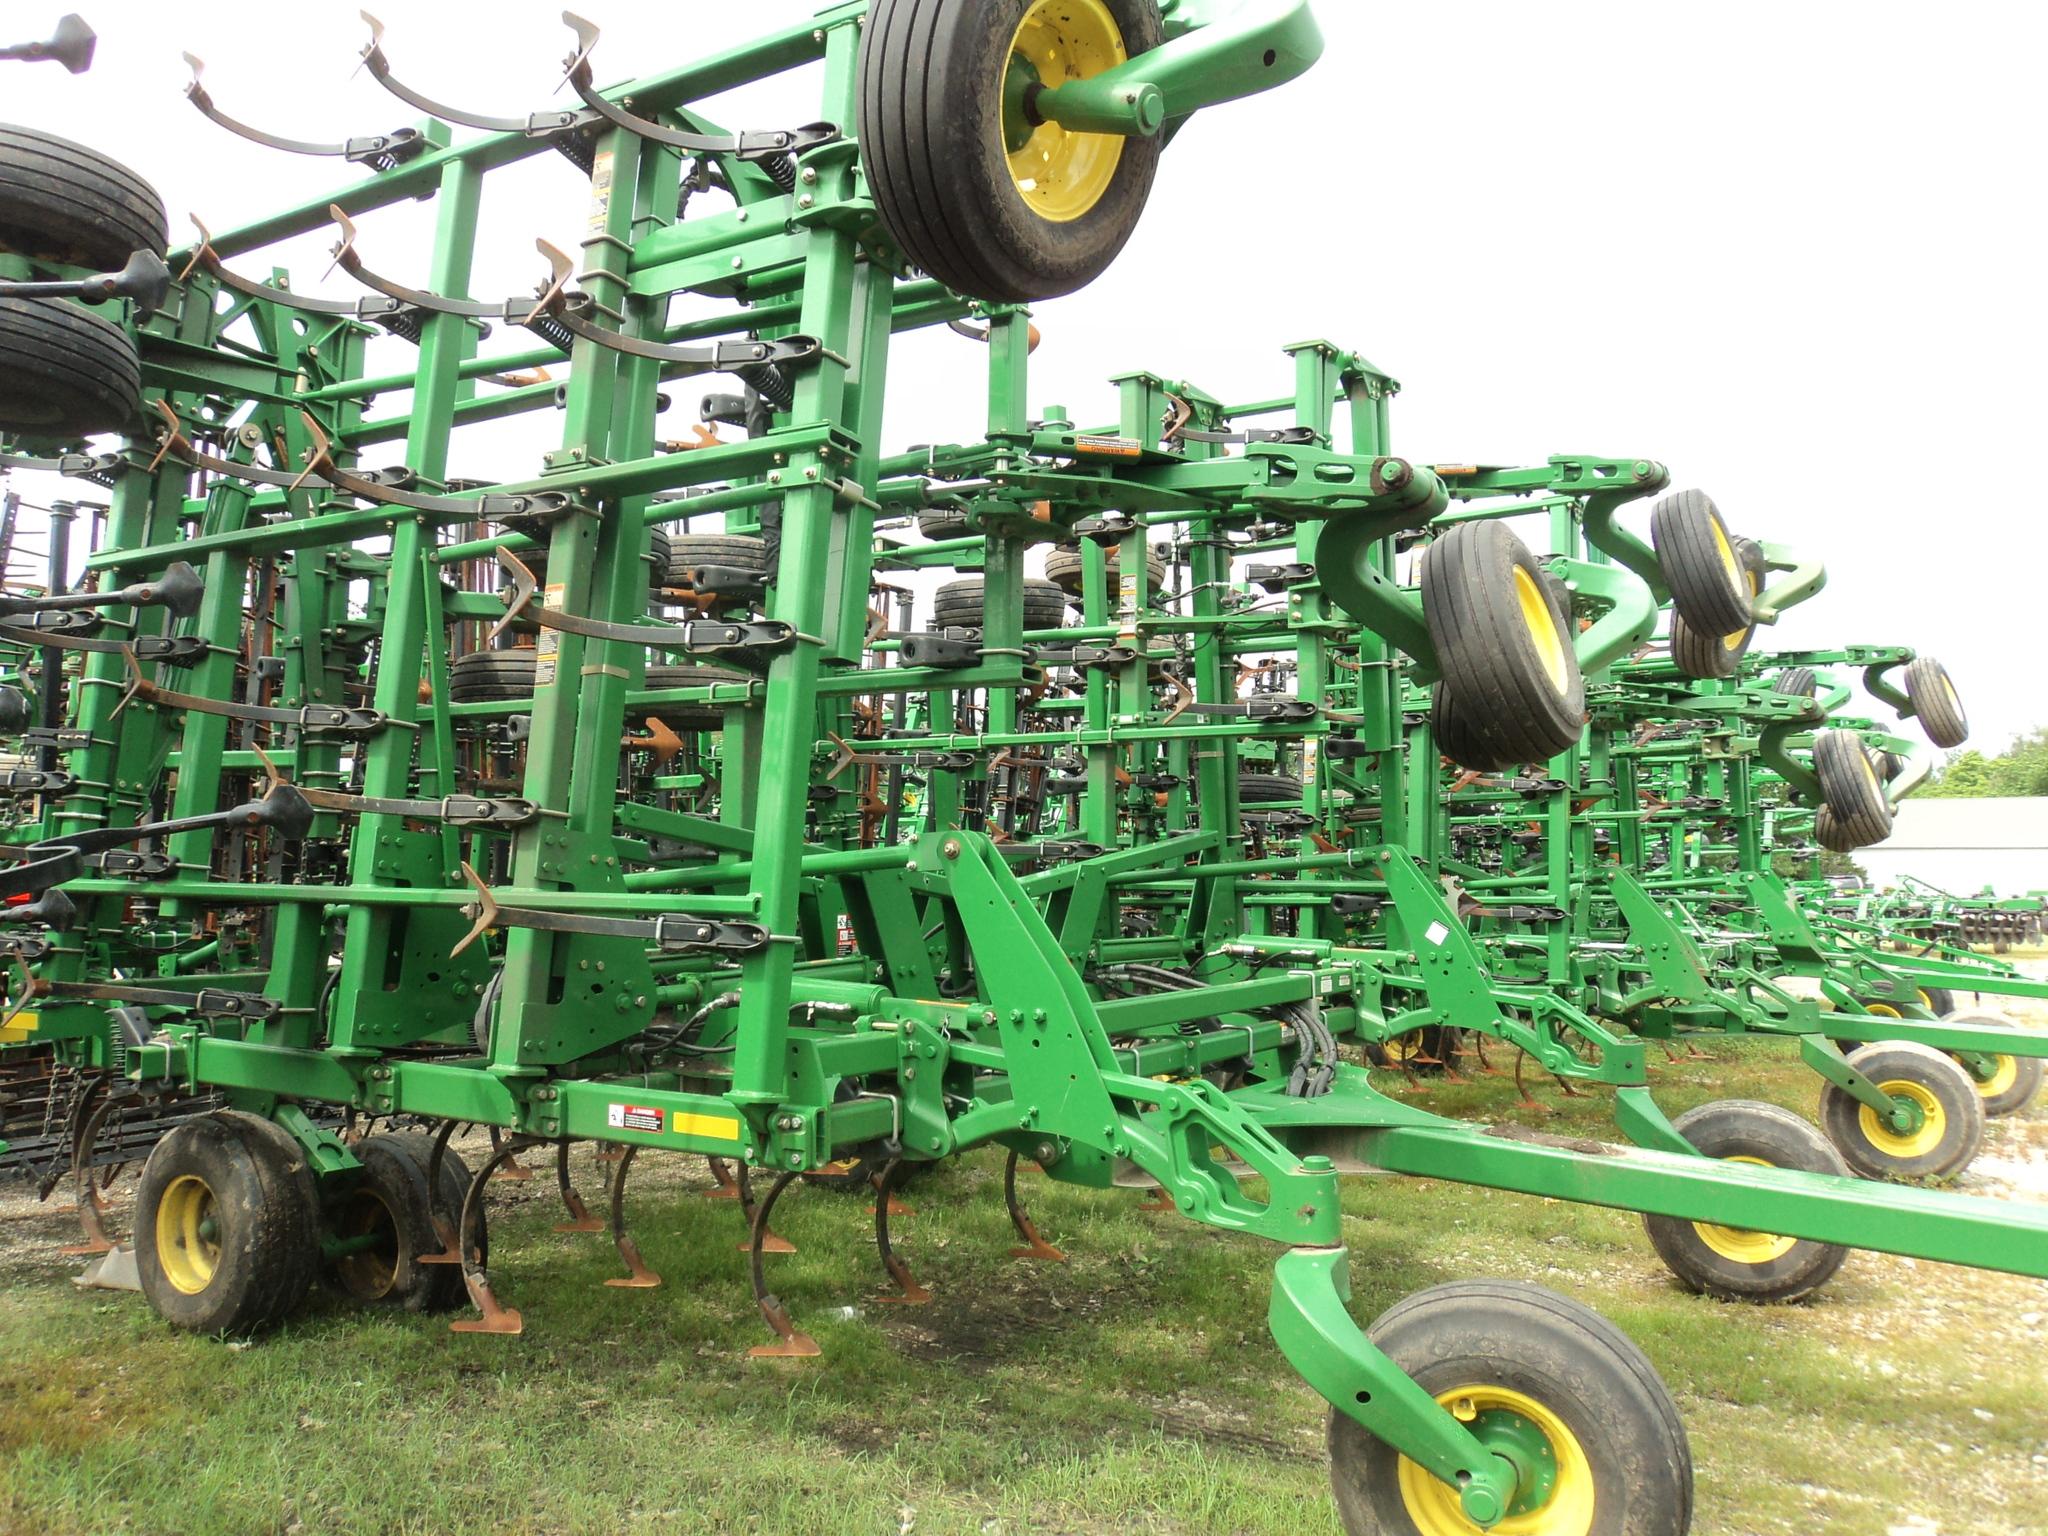 John Deere 2210 Field Cultivators for Sale | [9579]